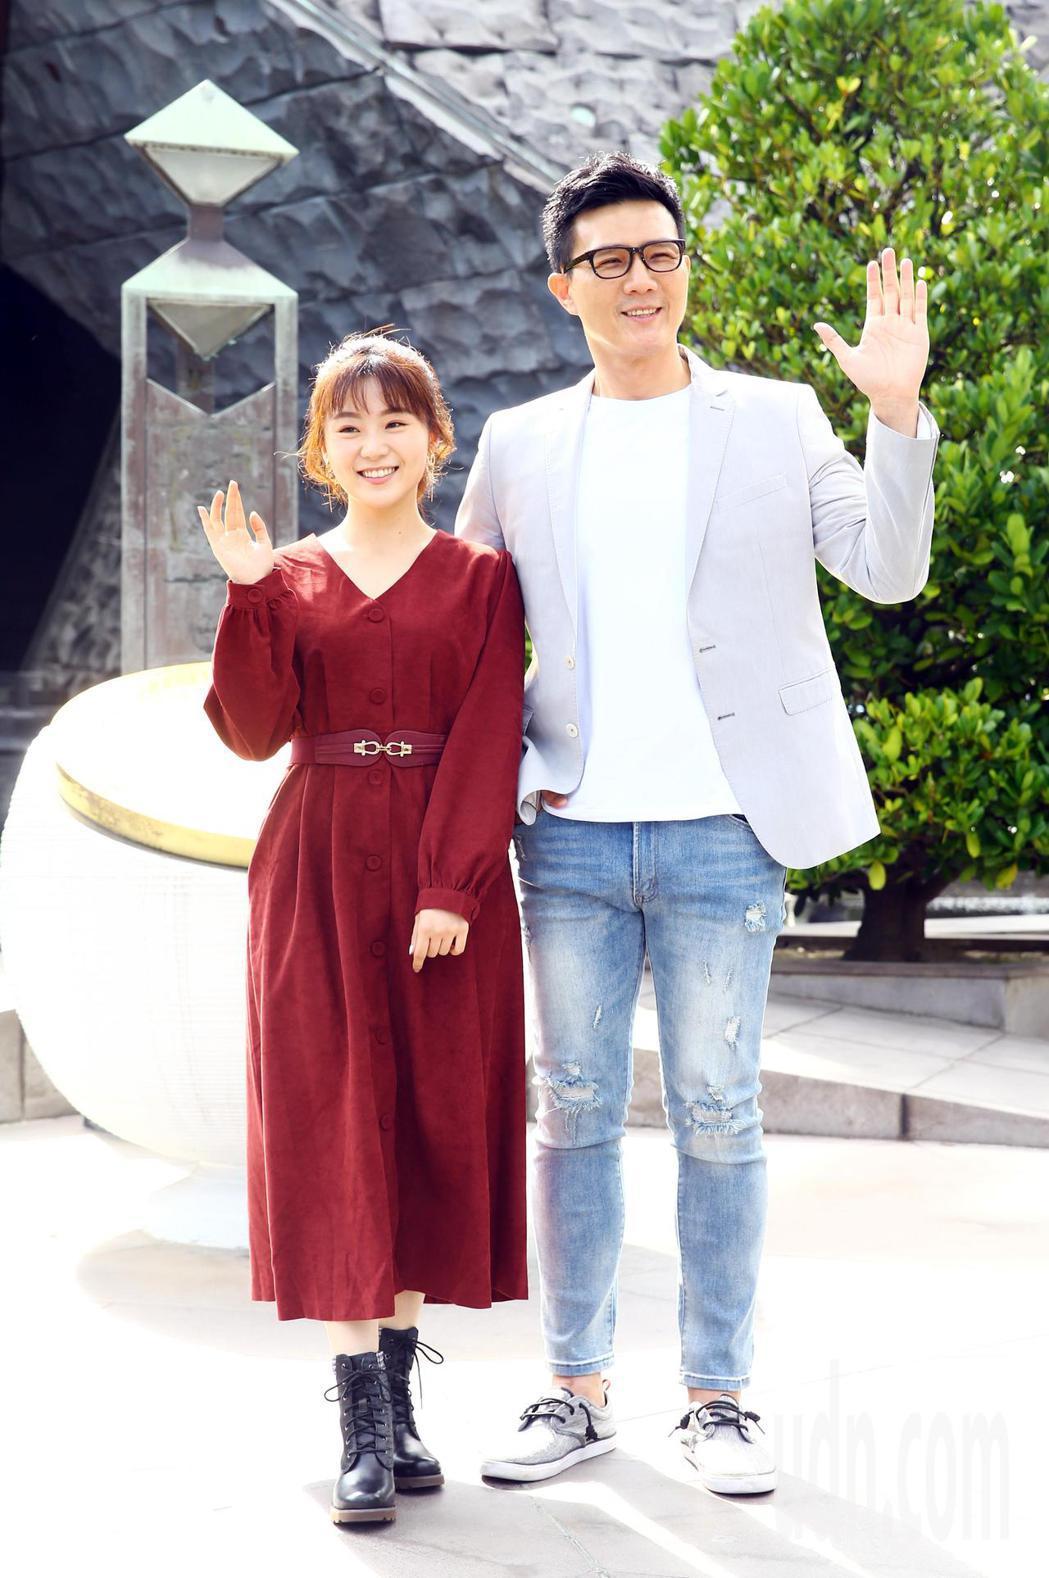 《國際橋牌社》2上午在台北228公園舉行團拜儀式,演員蔣偉文(右)與楊小黎(左)...